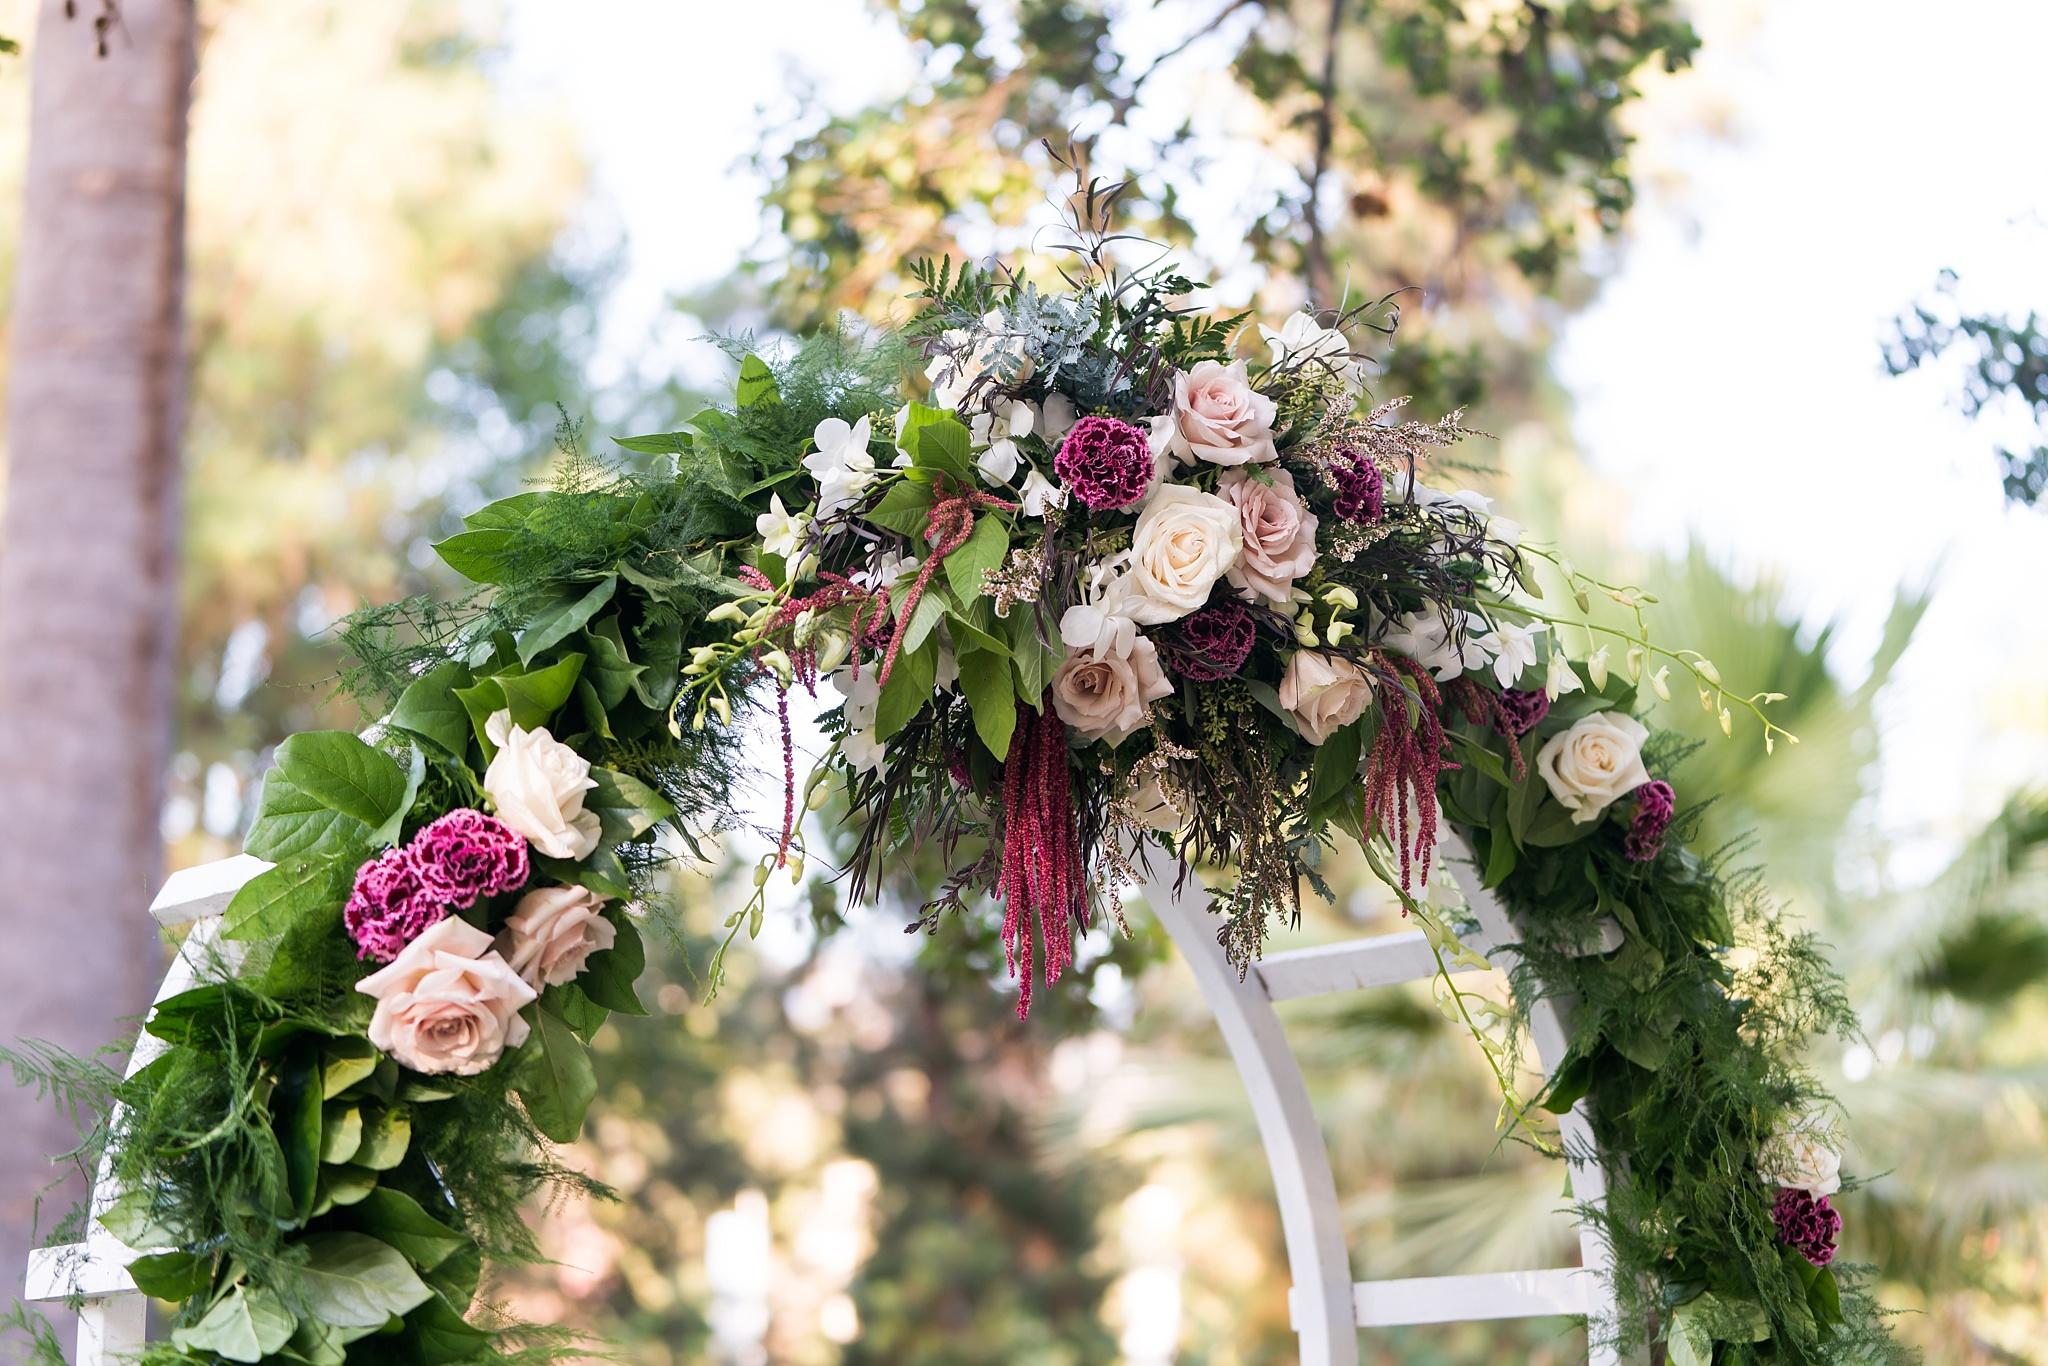 TommyandAmanda_WEDDING_BrienneMichelle_Details_46_BLOG.jpg